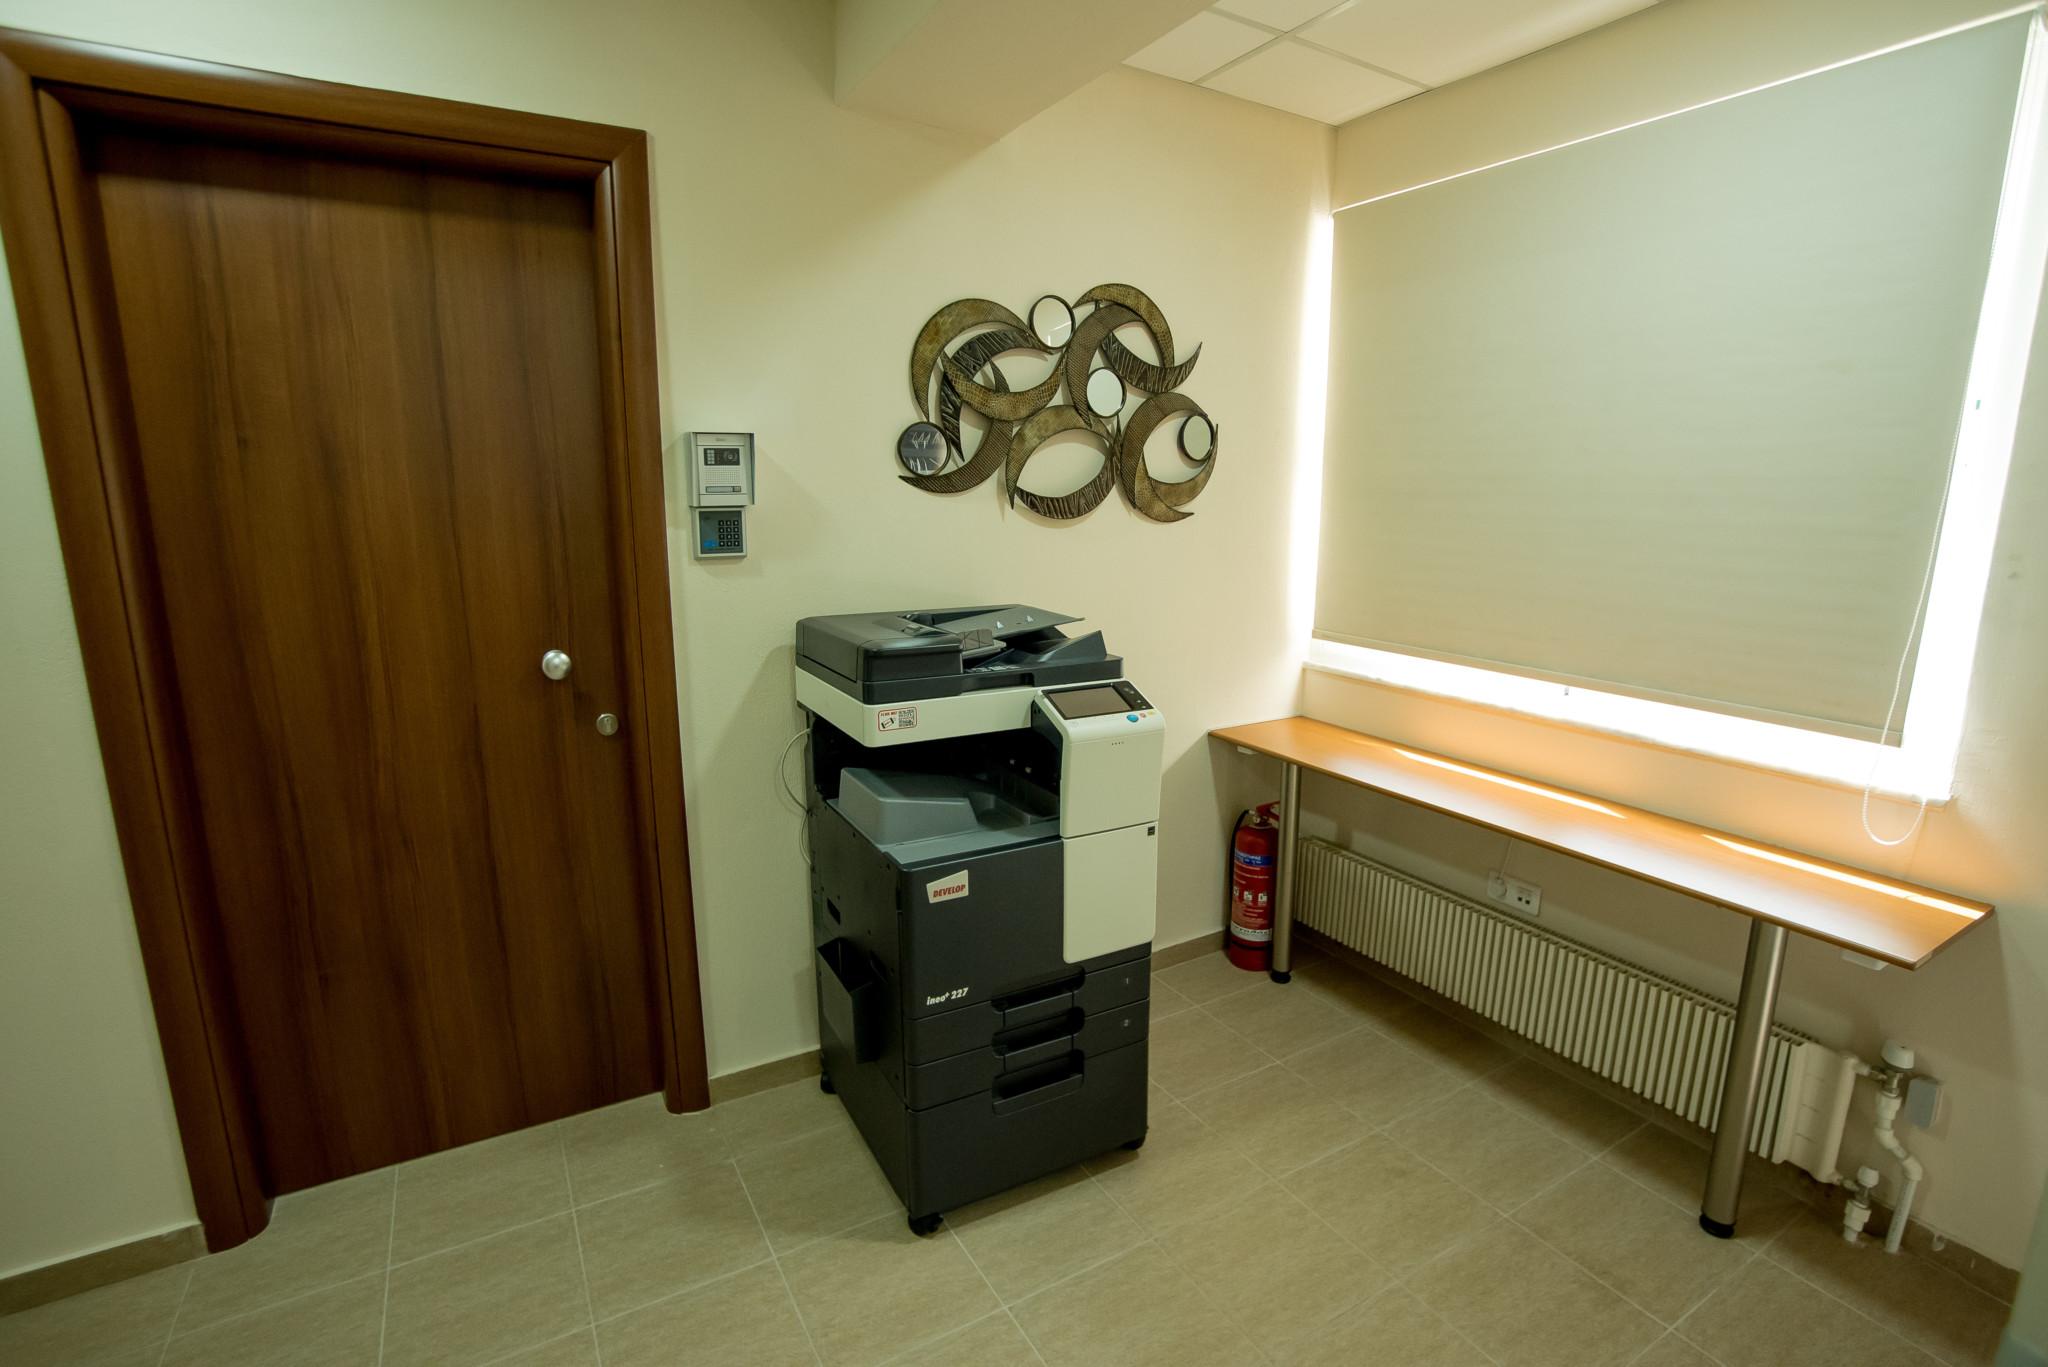 πλήρως εξιπλισμένα γραφεία